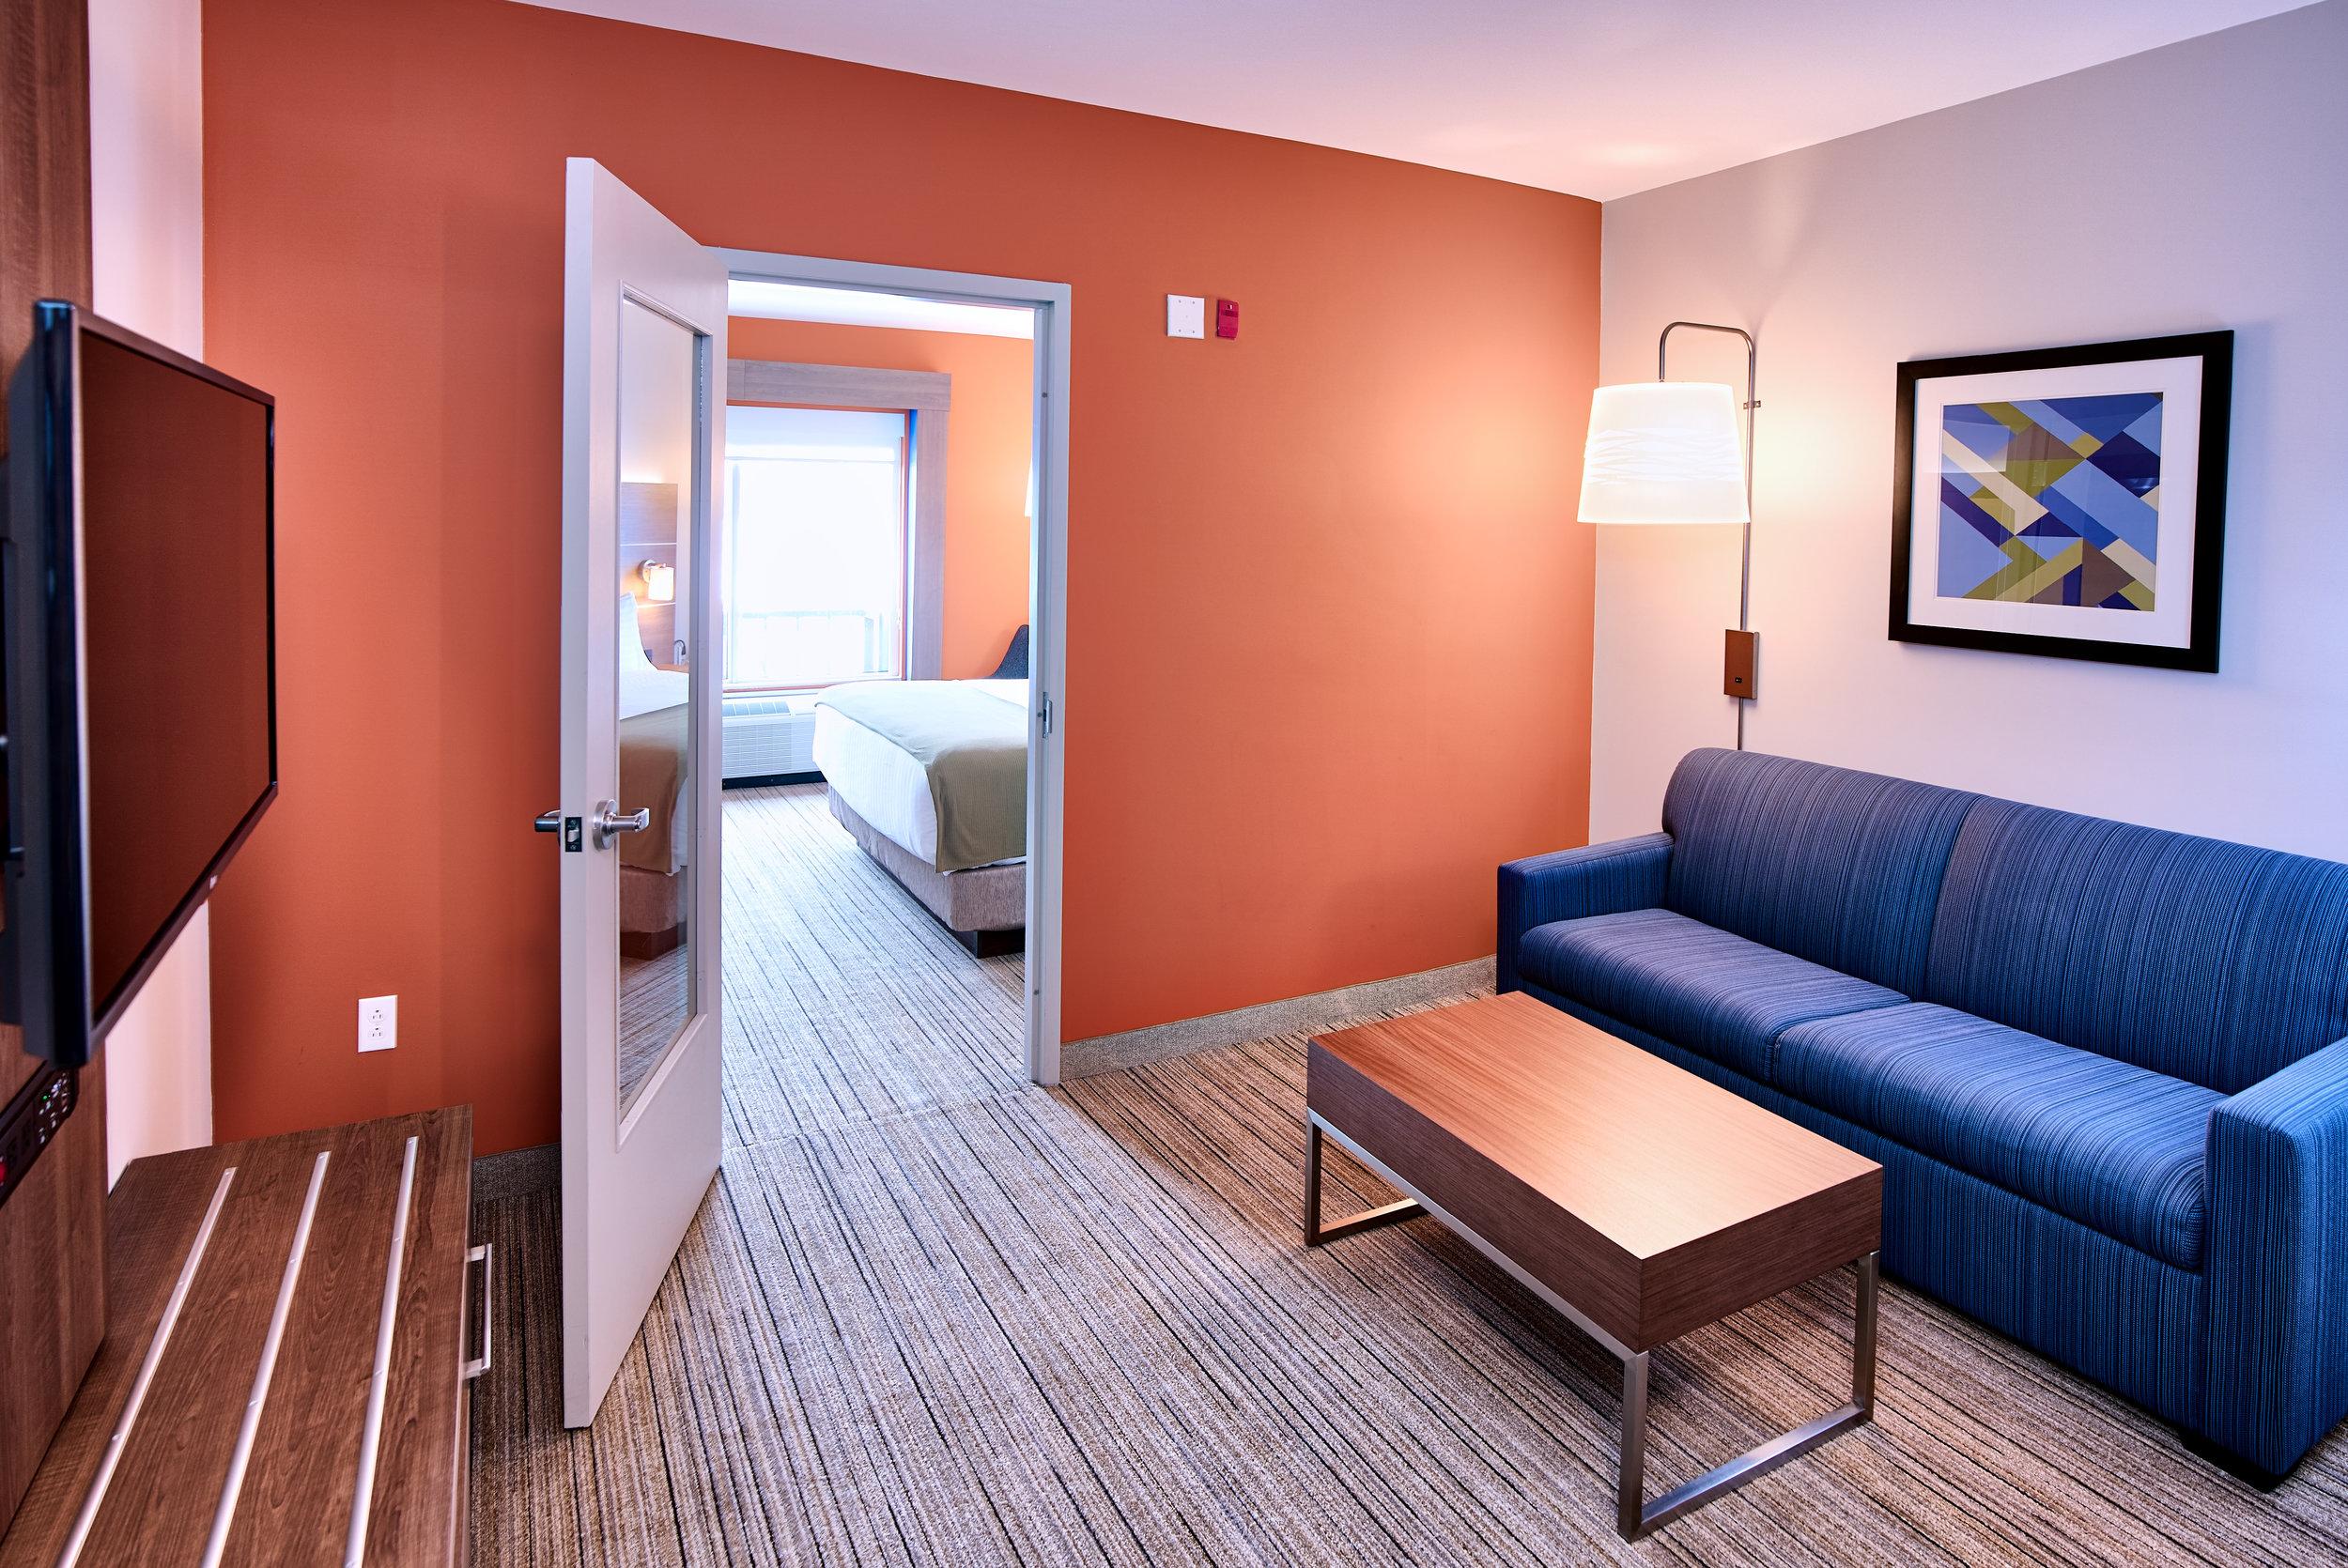 Holiday Inn Express - Room 1 C.jpg